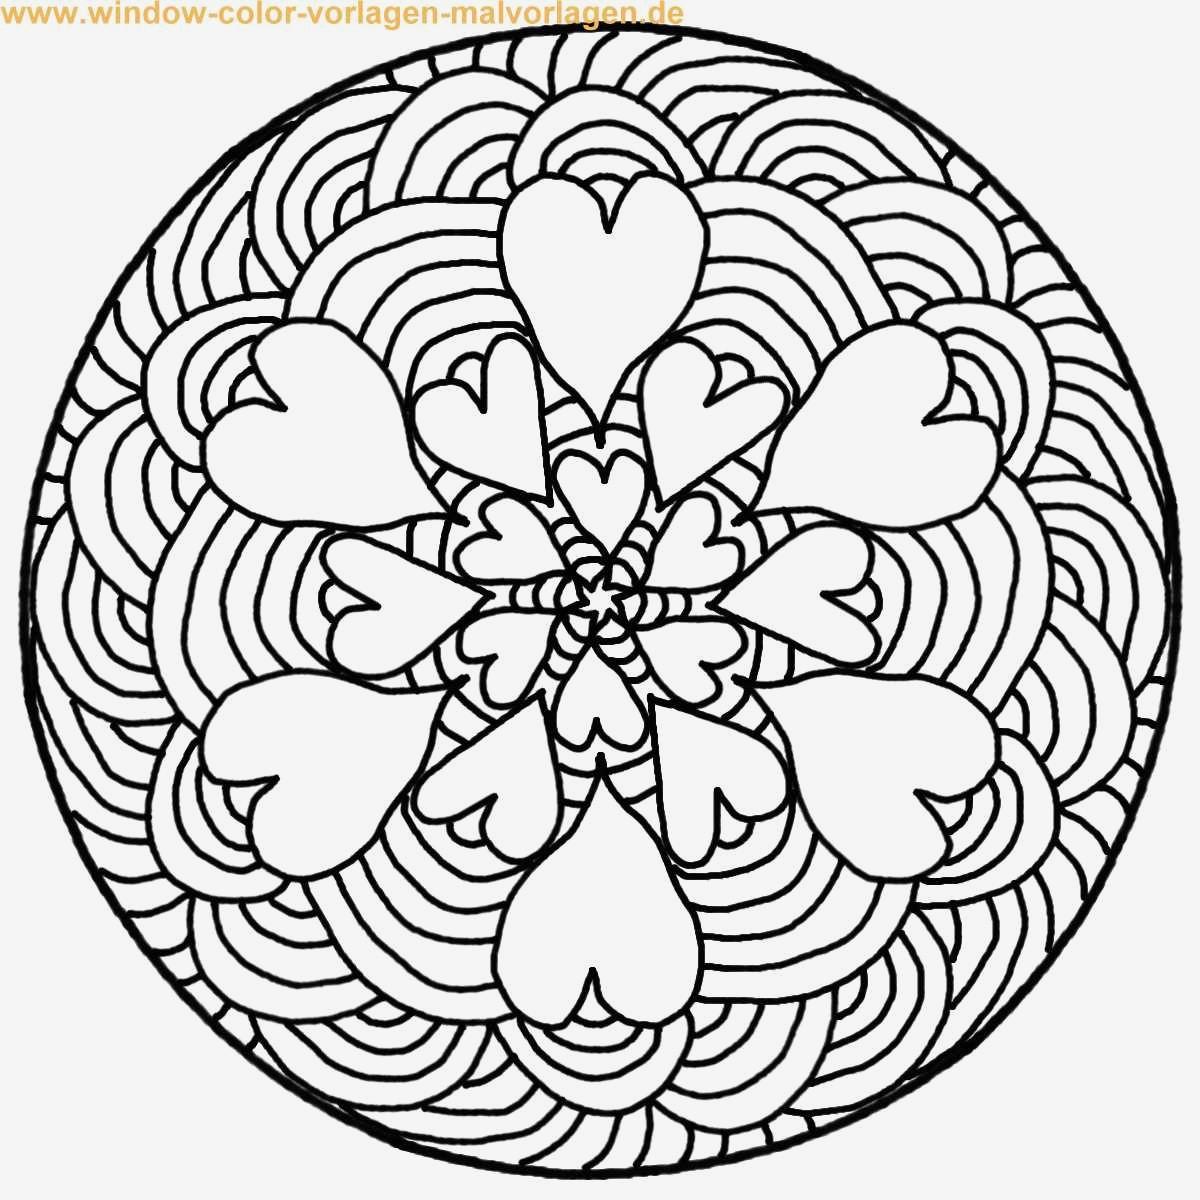 Mandala Zum Ausdrucken Rosen Neu Bildergalerie & Bilder Zum Ausmalen Ausmalbilder Mandala Buchstaben Fotografieren